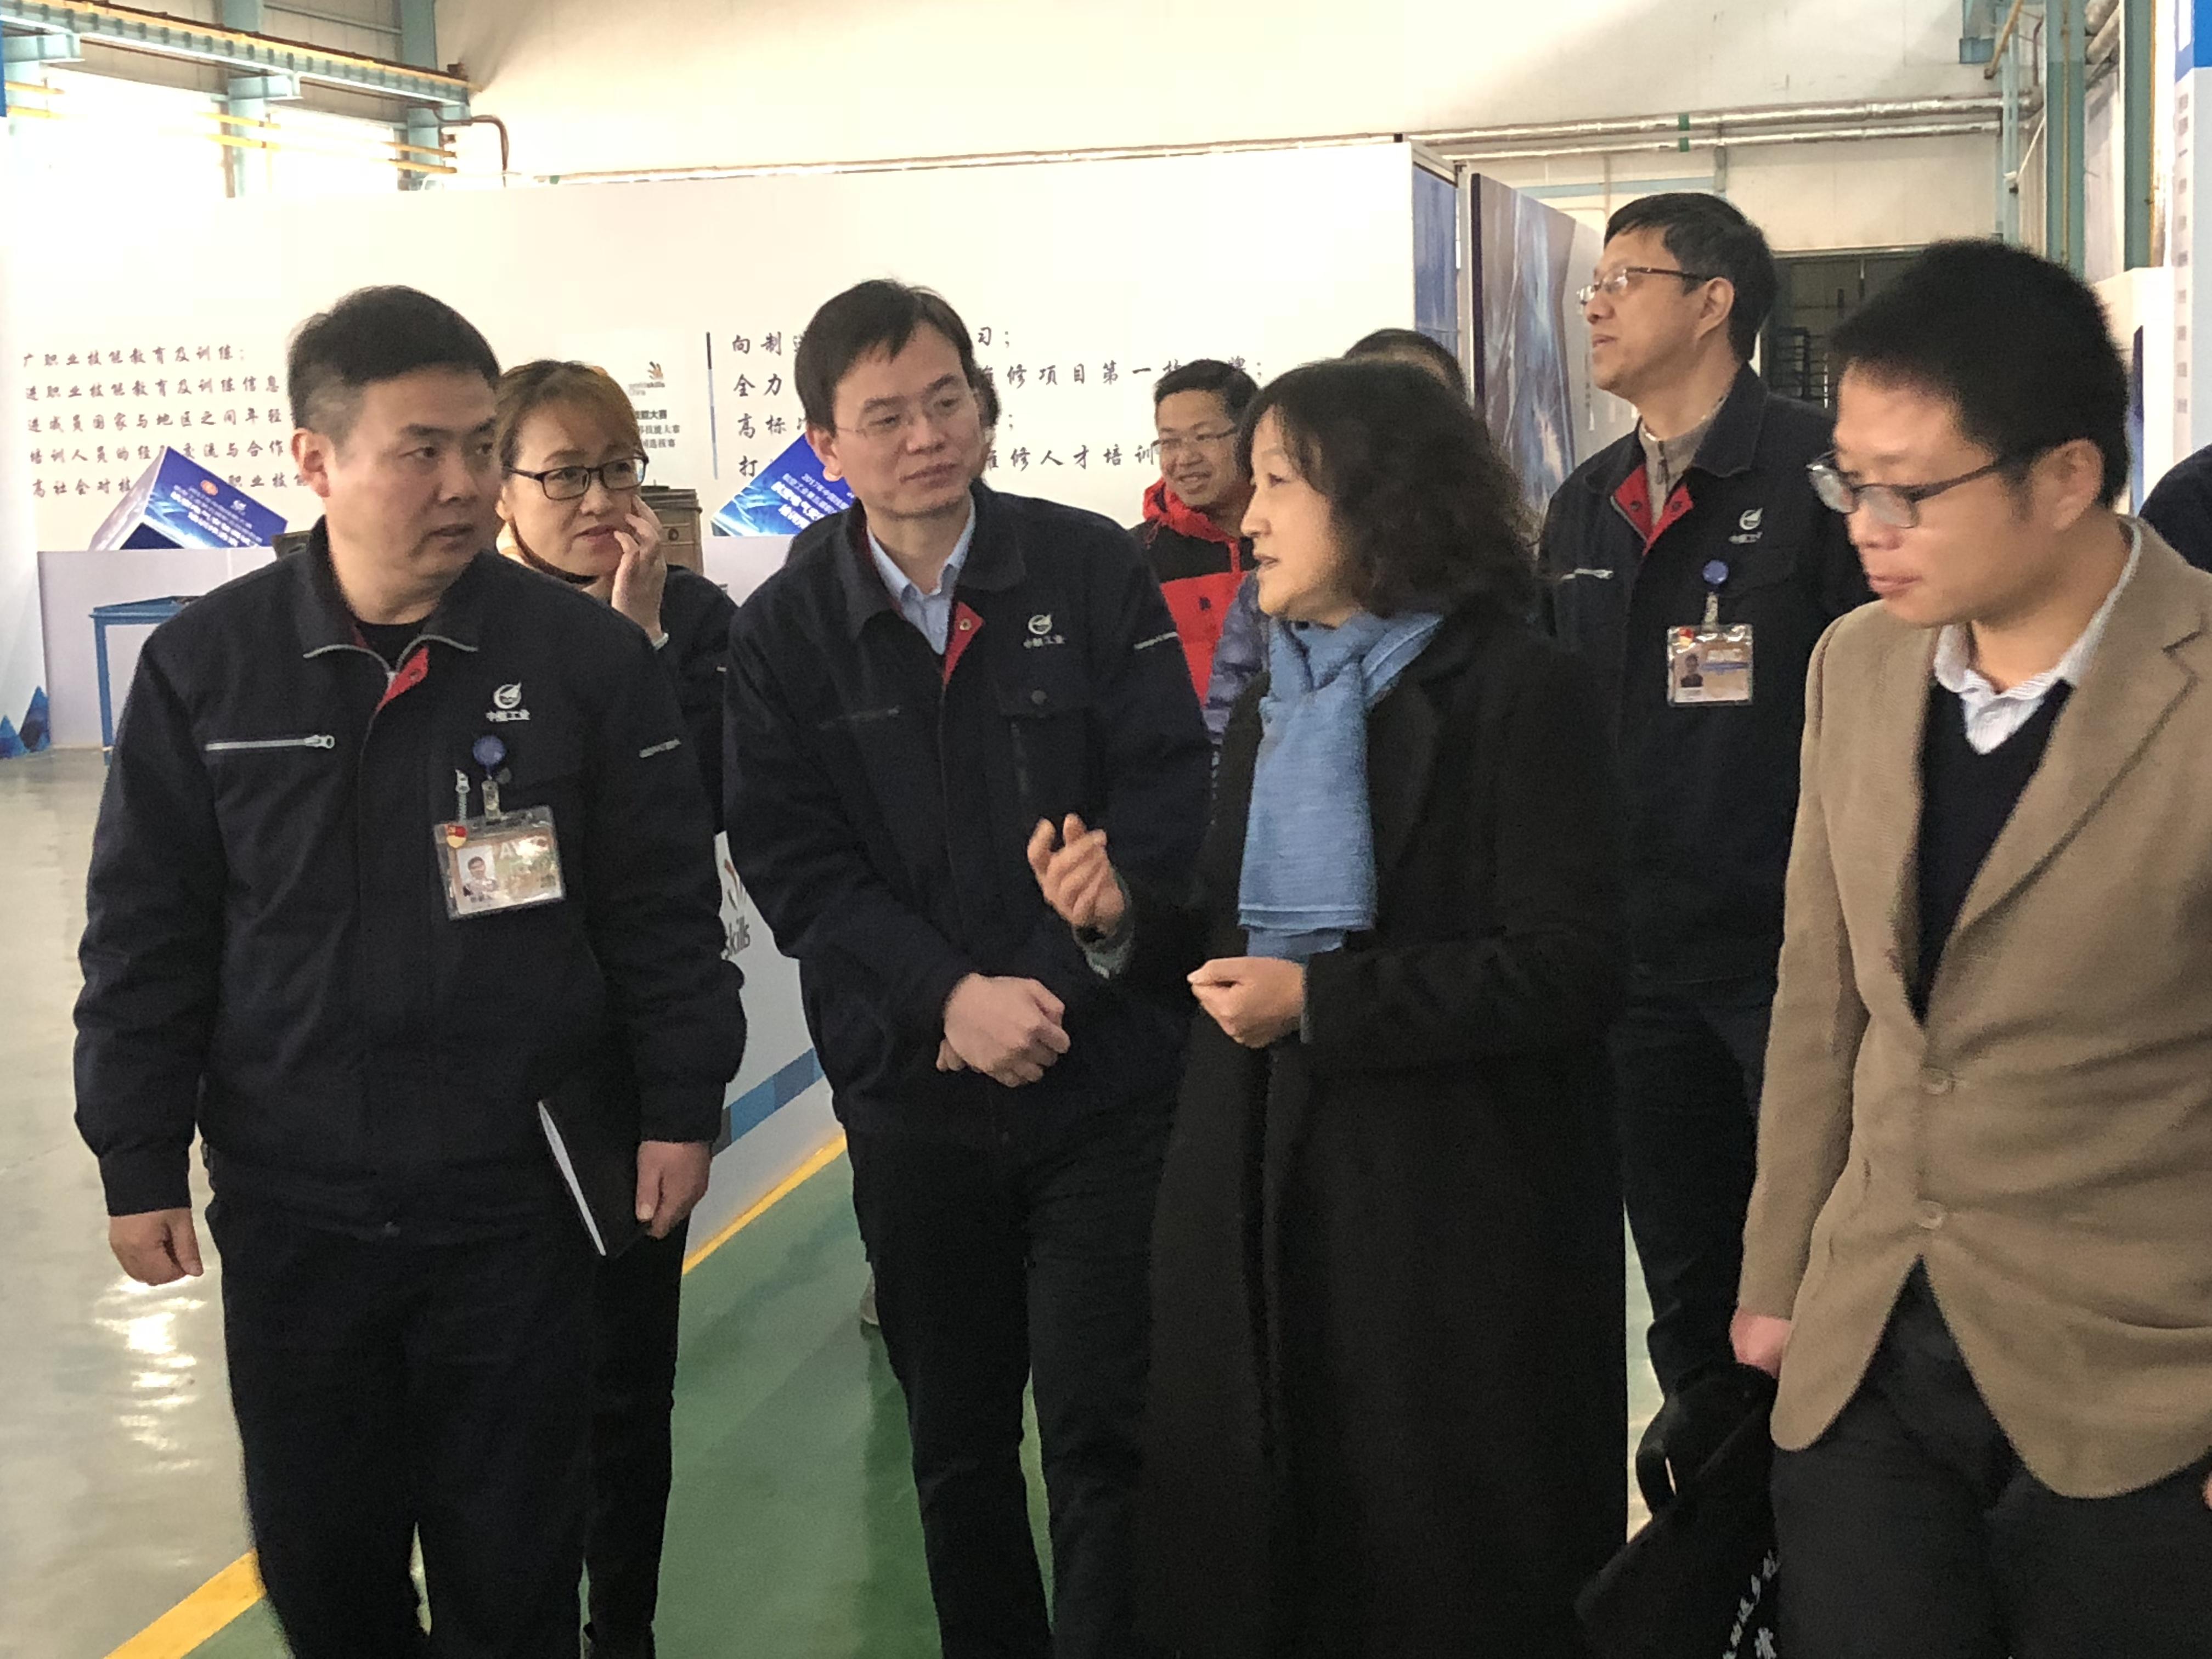 人社部中国就业指导中心领导调研2.jpg